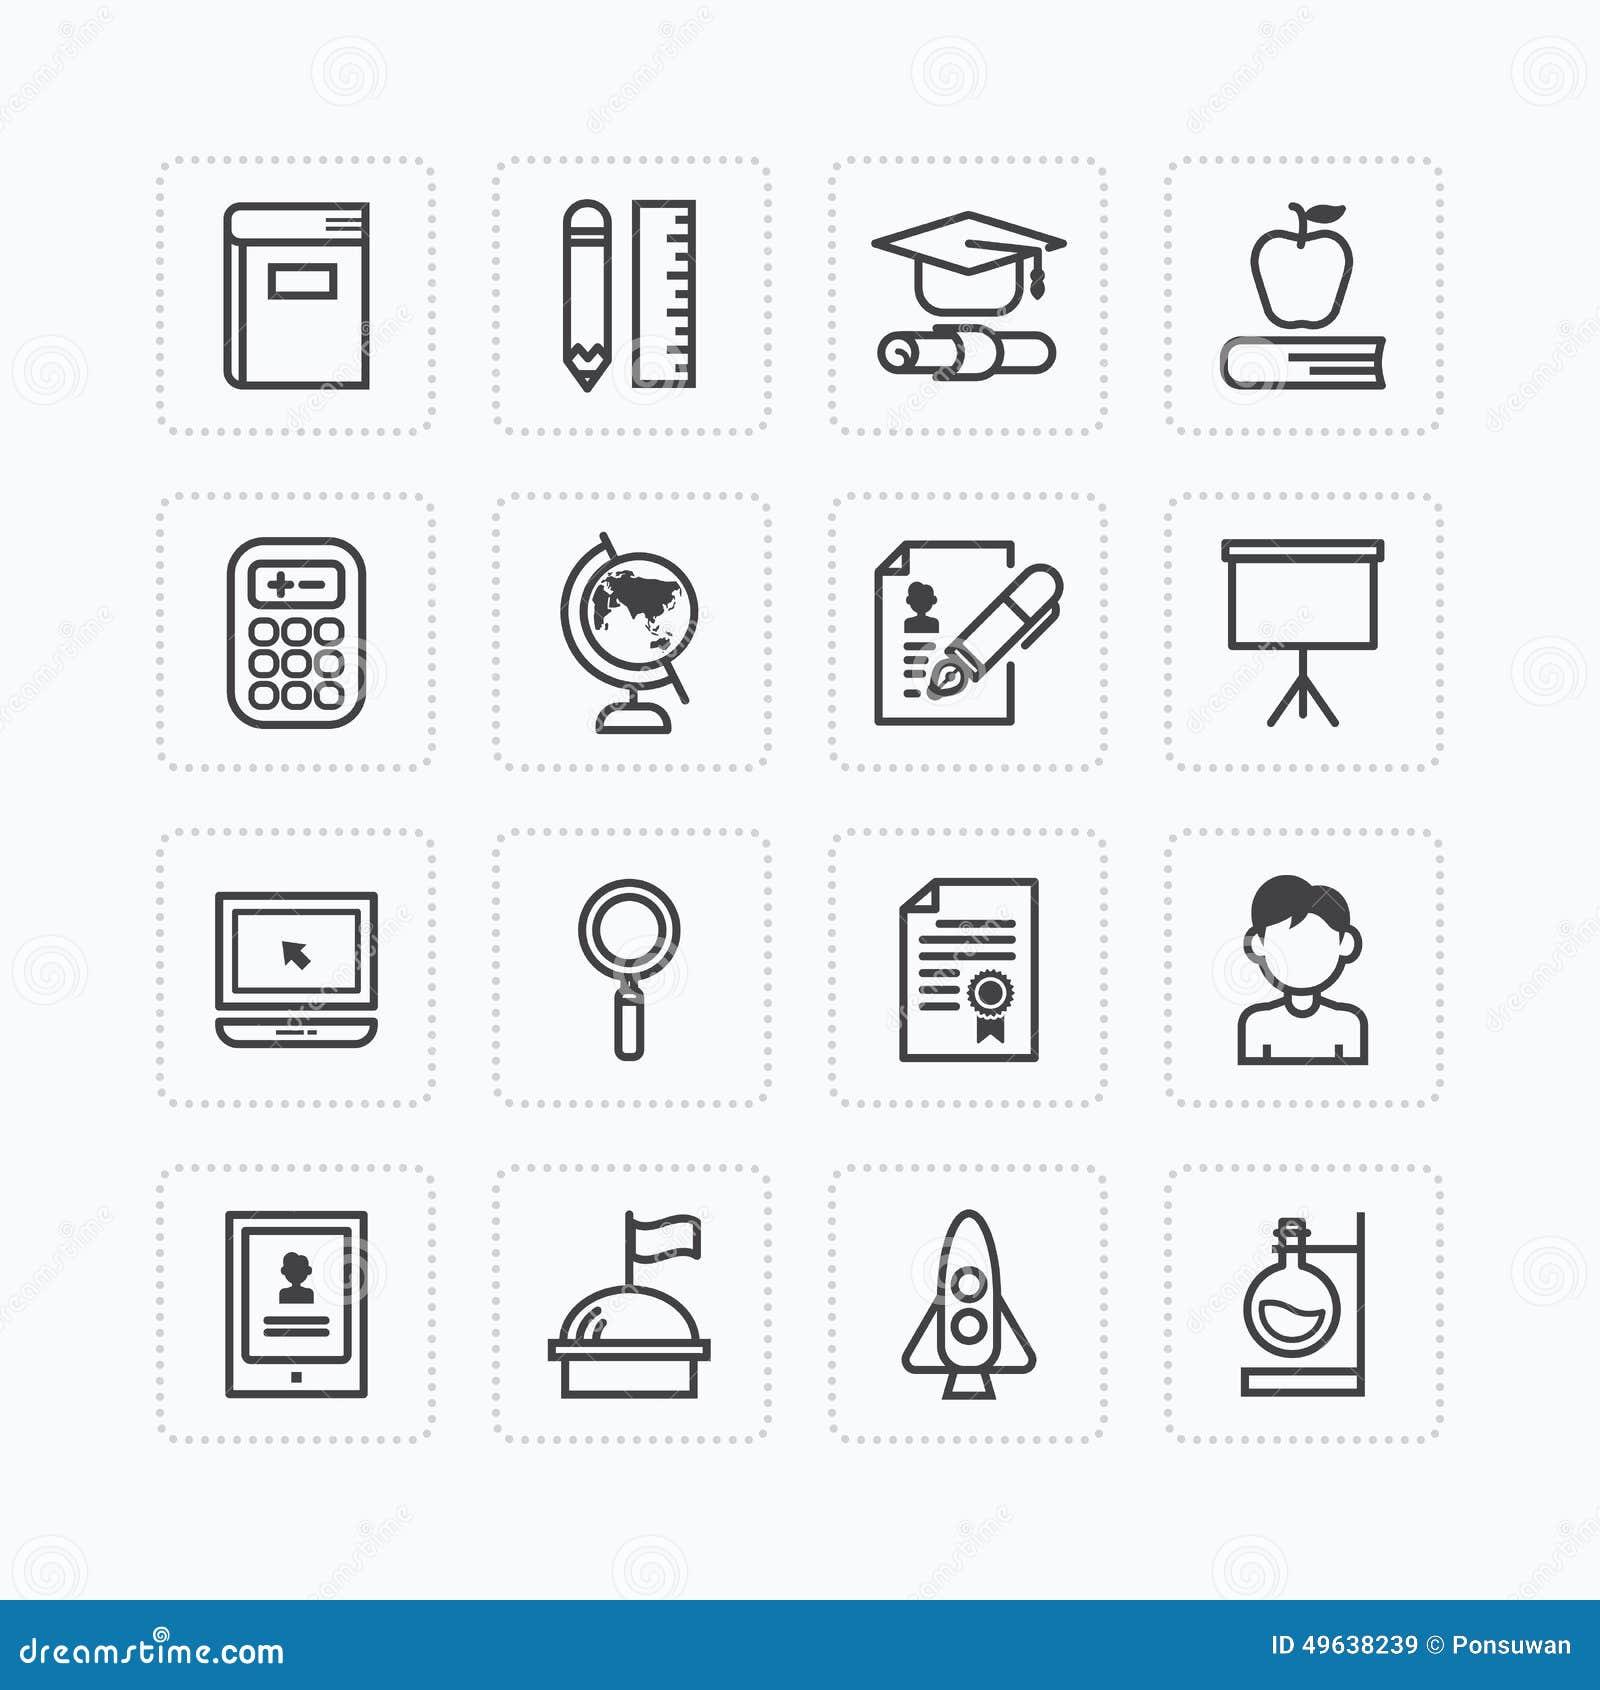 Διανυσματικό επίπεδο σύνολο εικονιδίων έννοιας περιλήψεων σχολικών εργαλείων εκπαίδευσης